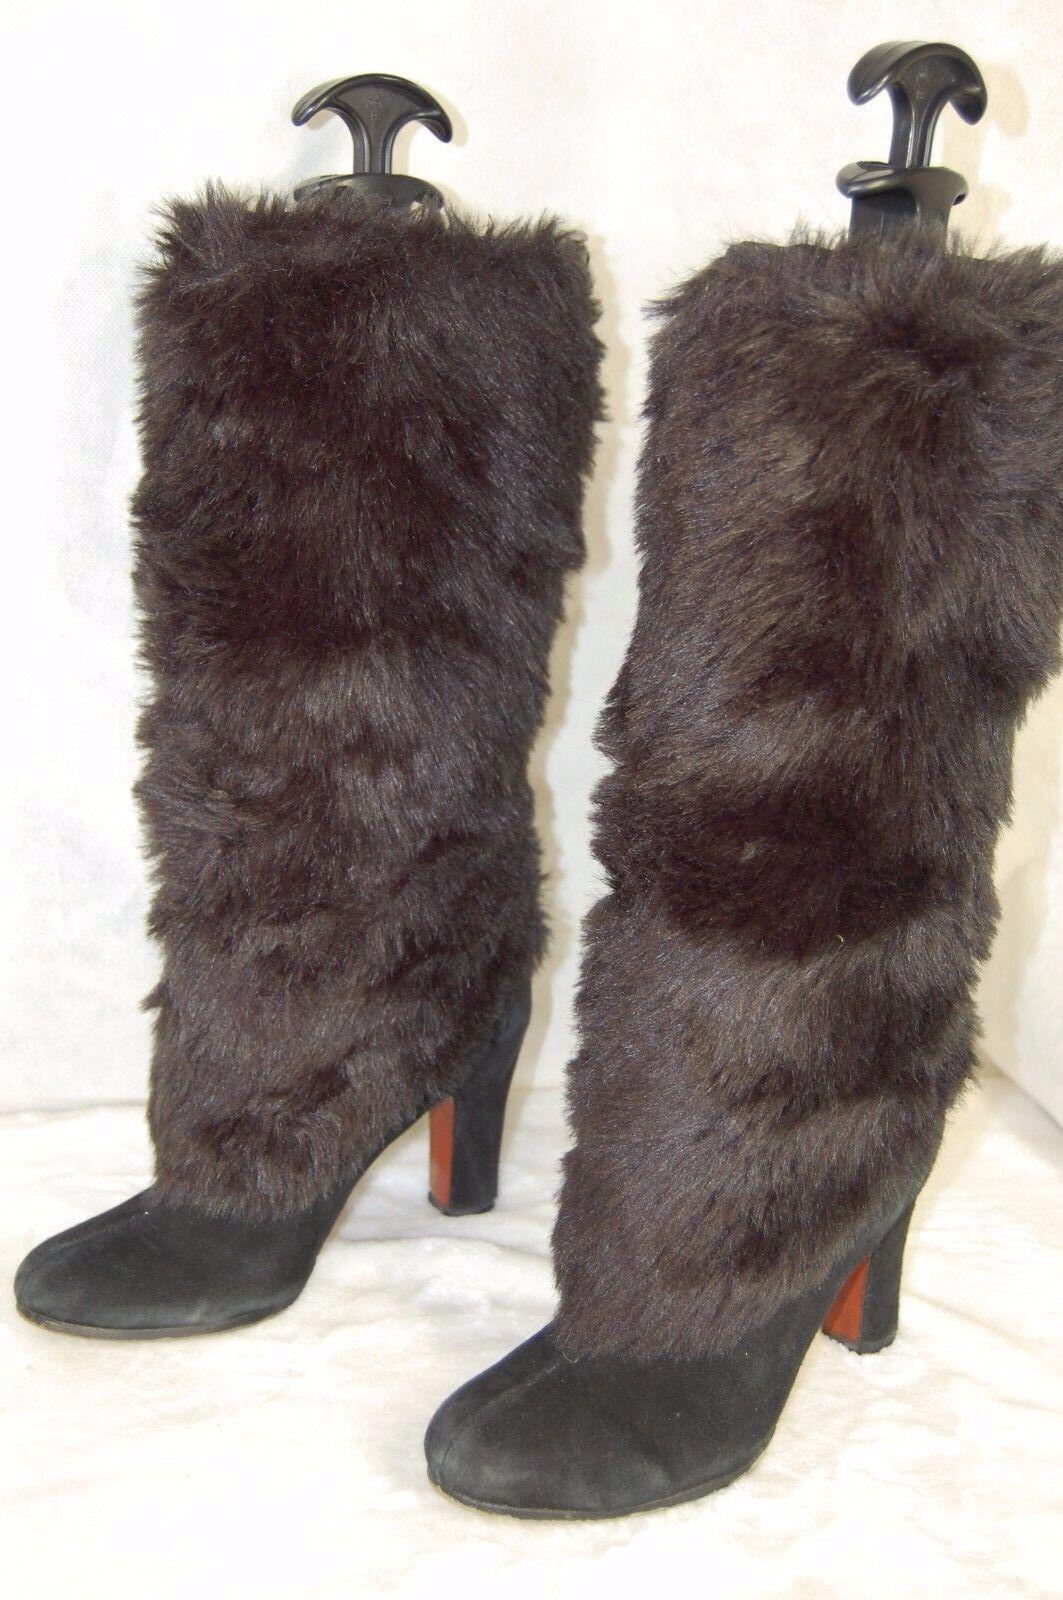 prima qualità ai consumatori SAM EDELMAN  ' Shalin' Faux Fur nero WARM WARM WARM donna   stivali  Dimensione 6  vendite online